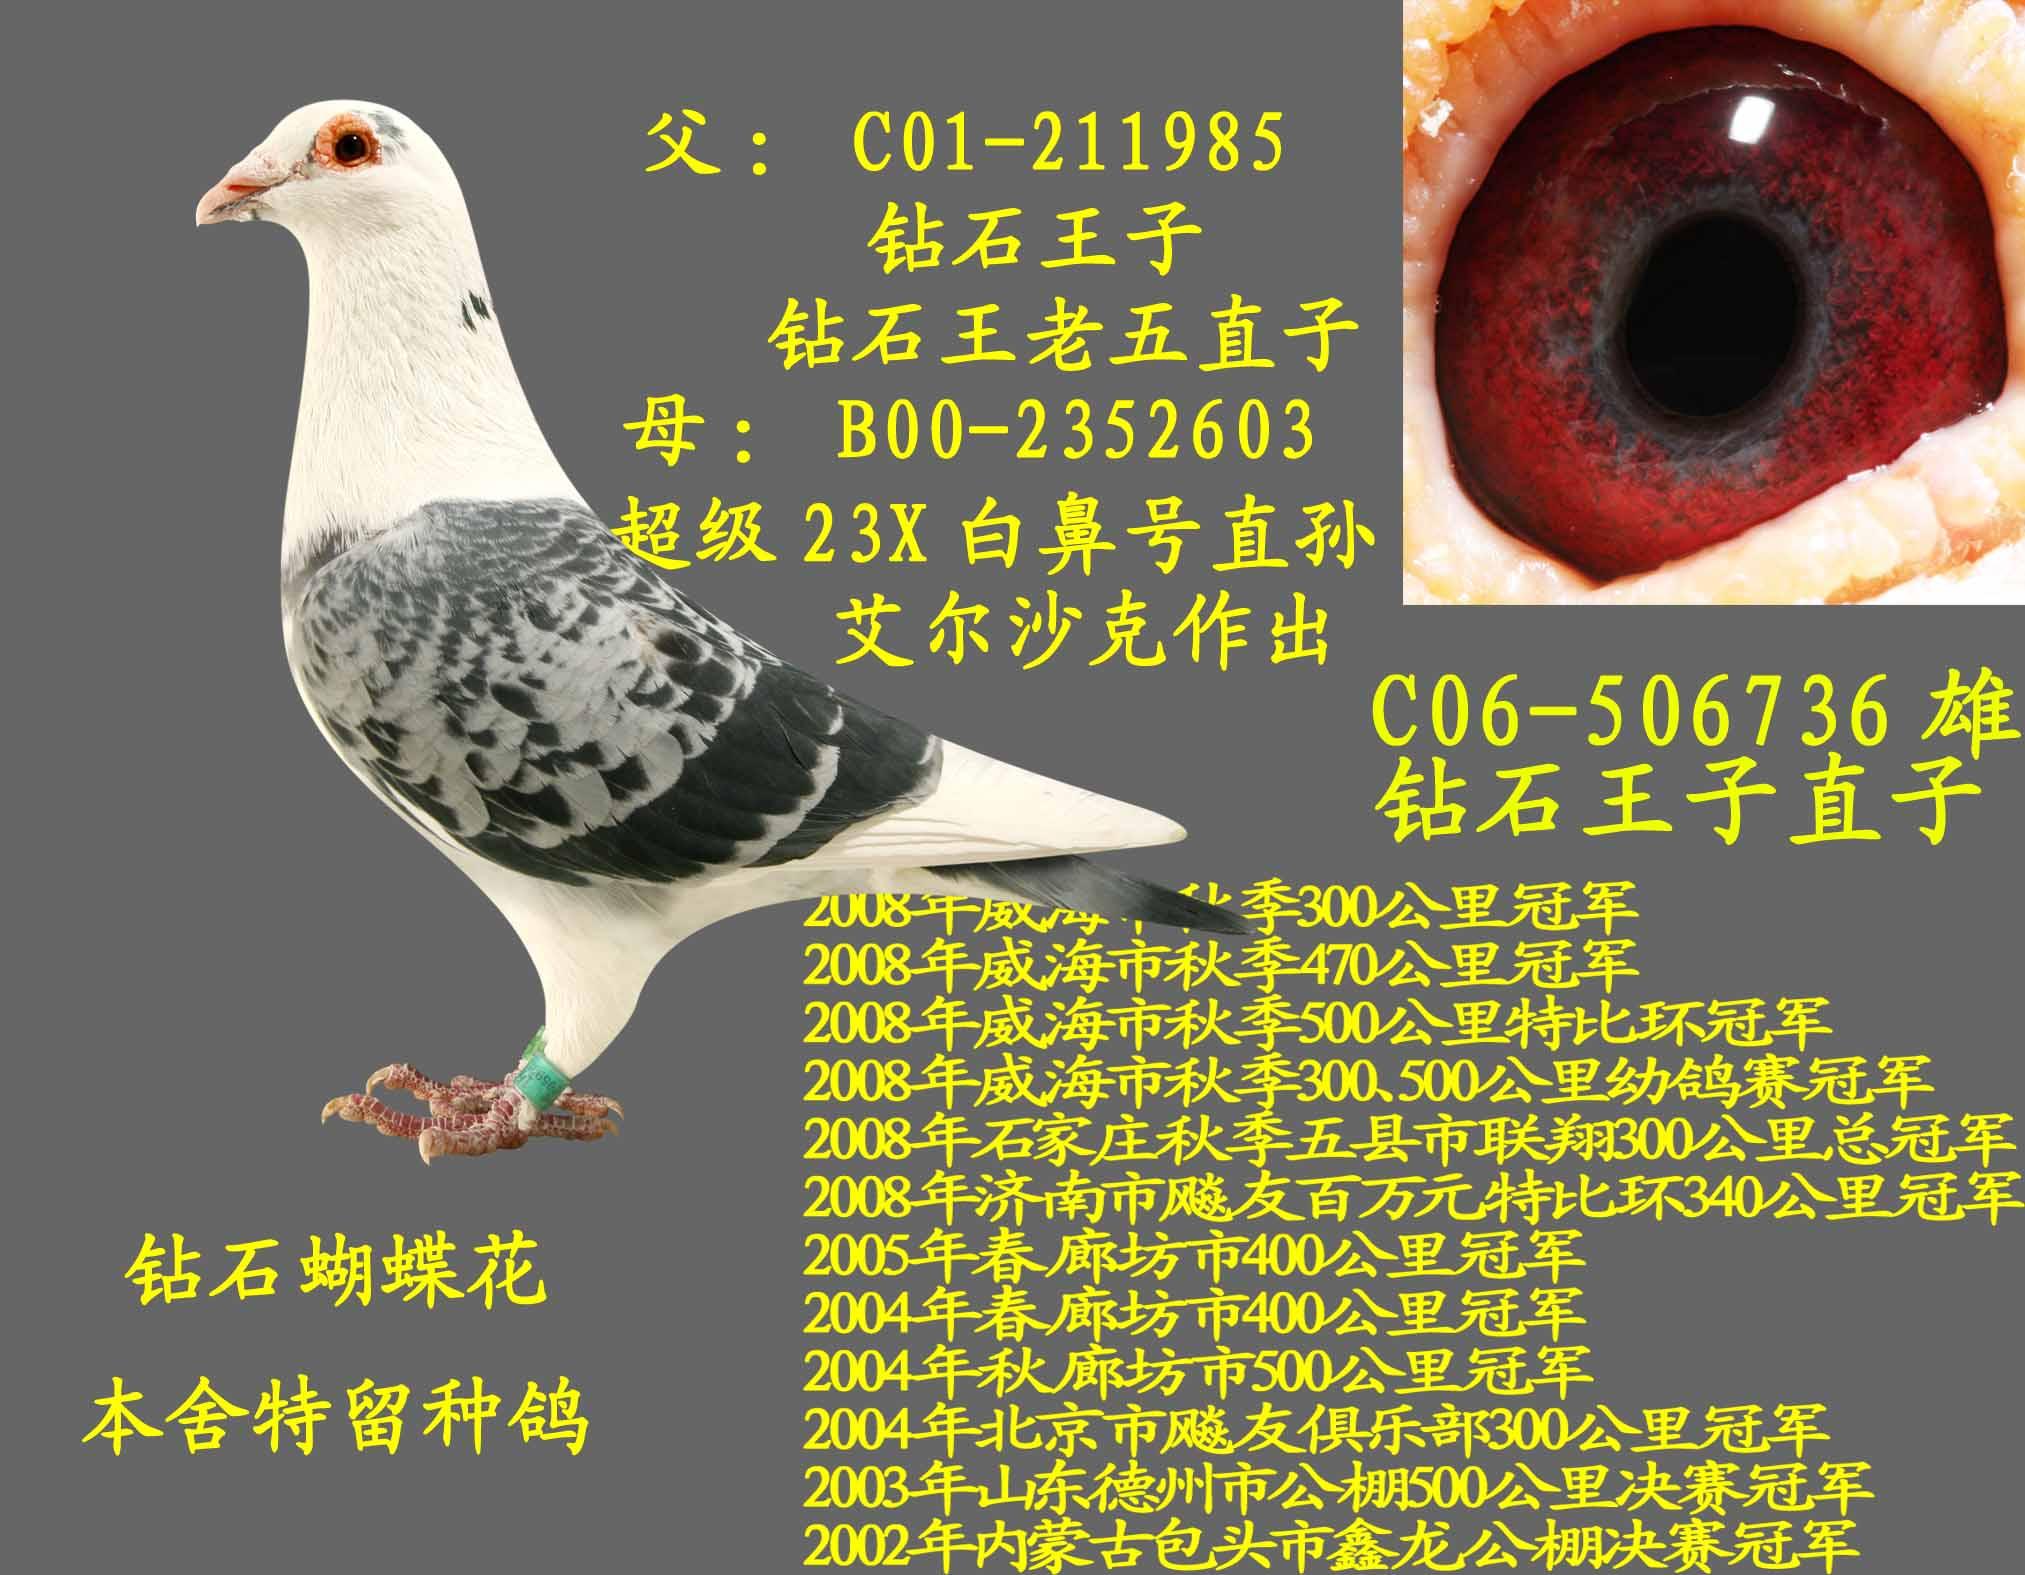 羽色:蝴蝶花; 信鸽特征; 王子宝石花_王老五鸽业_ ag188.